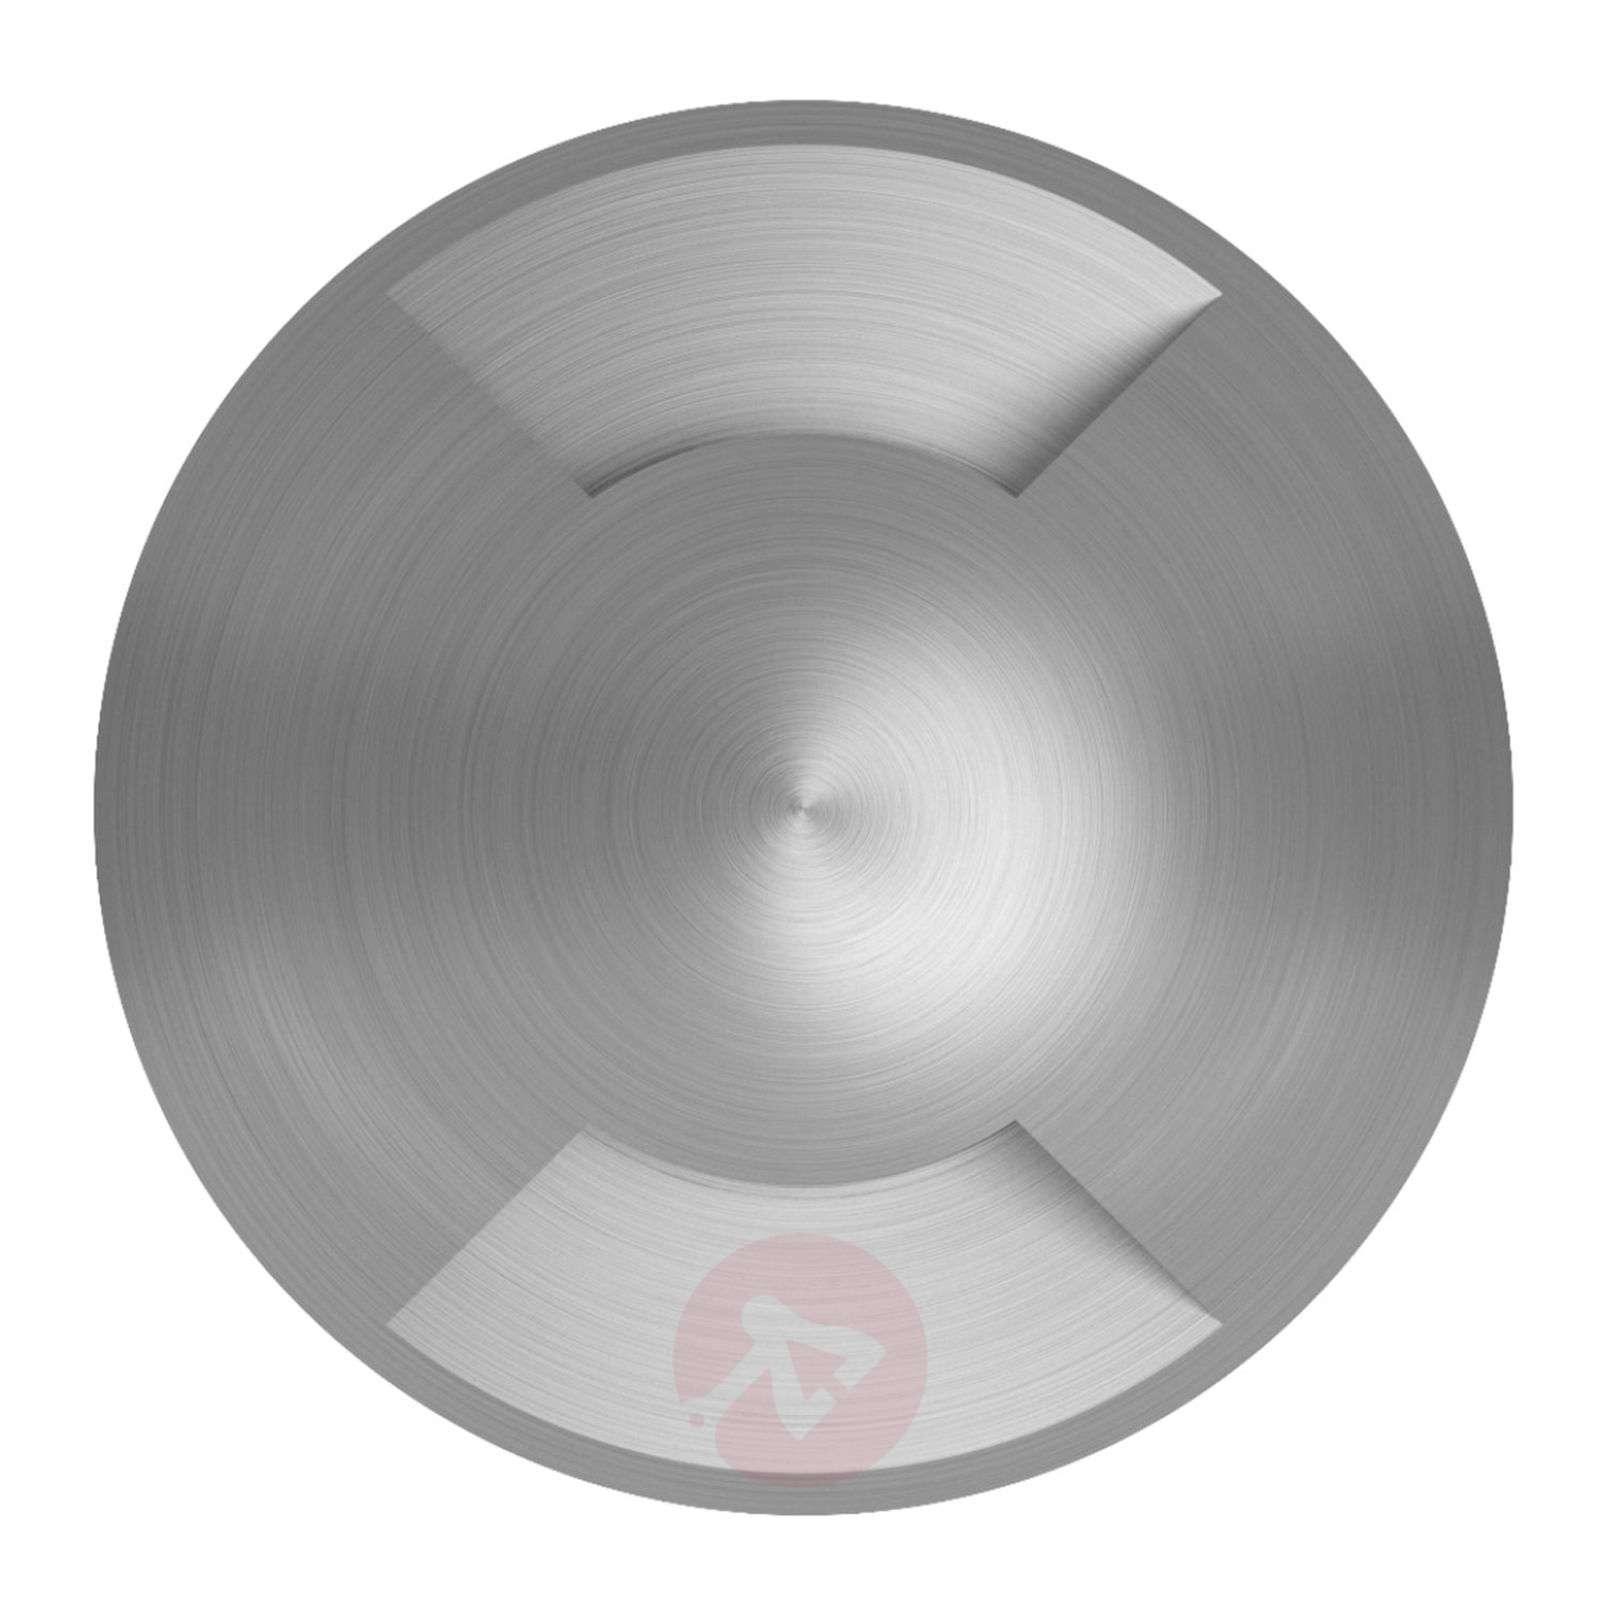 Upotettava maavalo Bartosz alumiinista-9969149-02